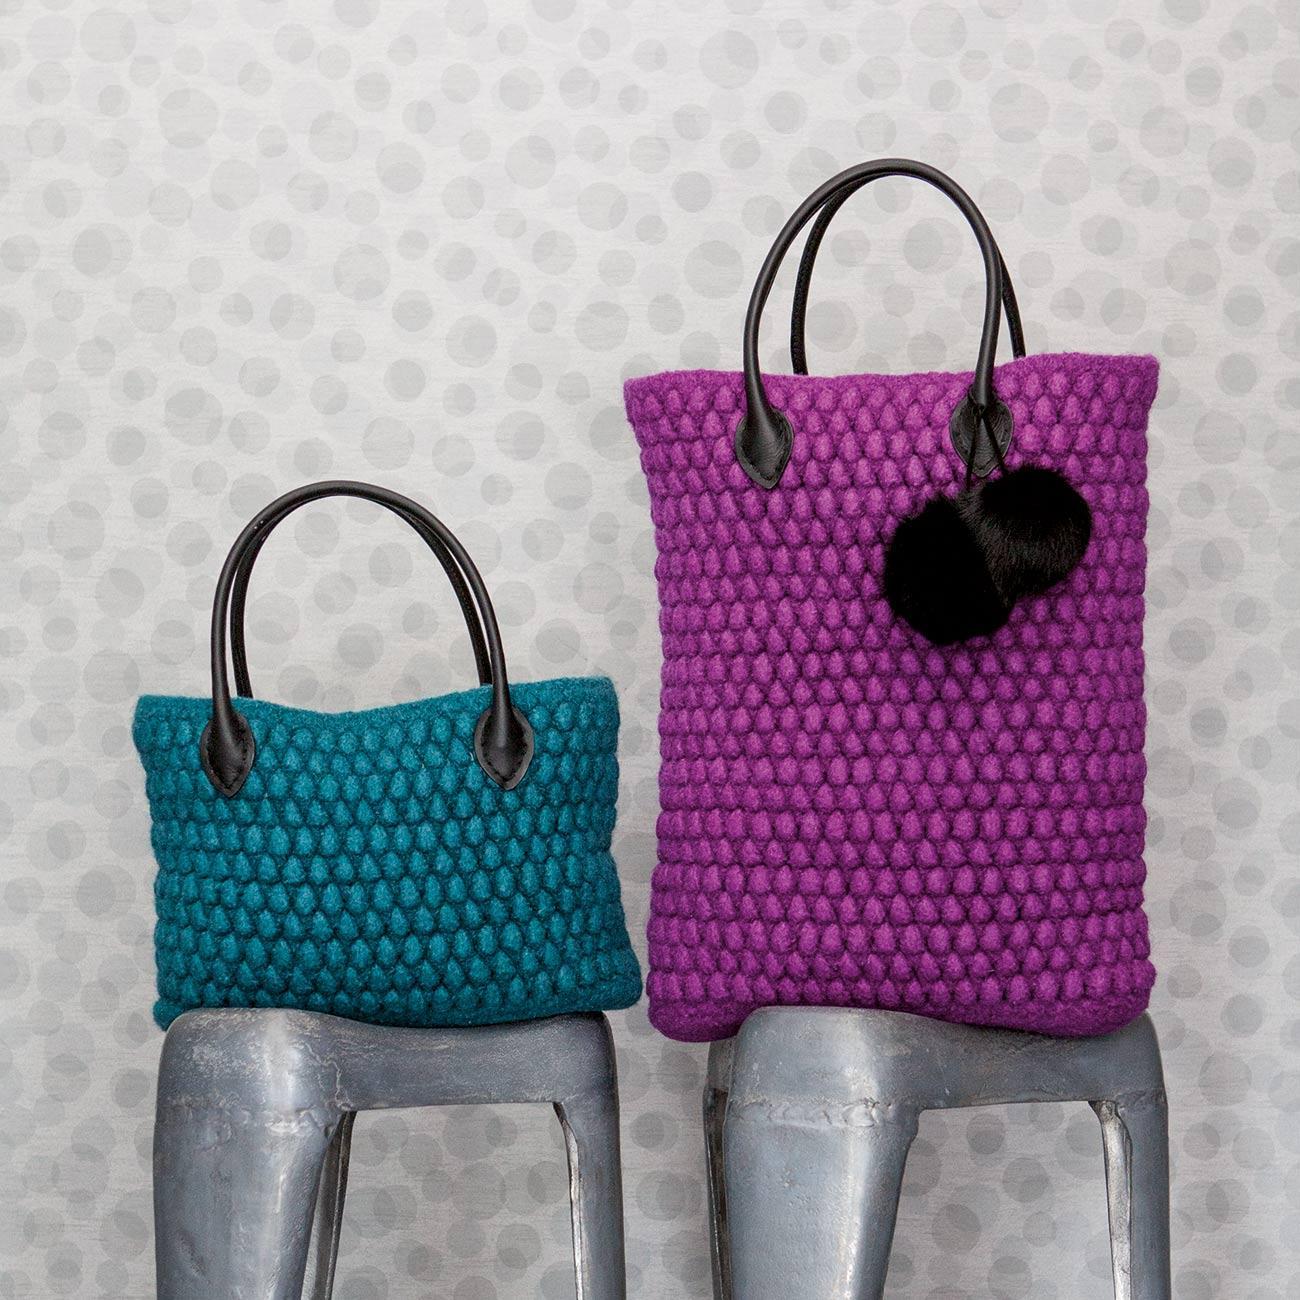 anleitung 342 4 taschen aus feltro von lana grossa 2 versch farben. Black Bedroom Furniture Sets. Home Design Ideas